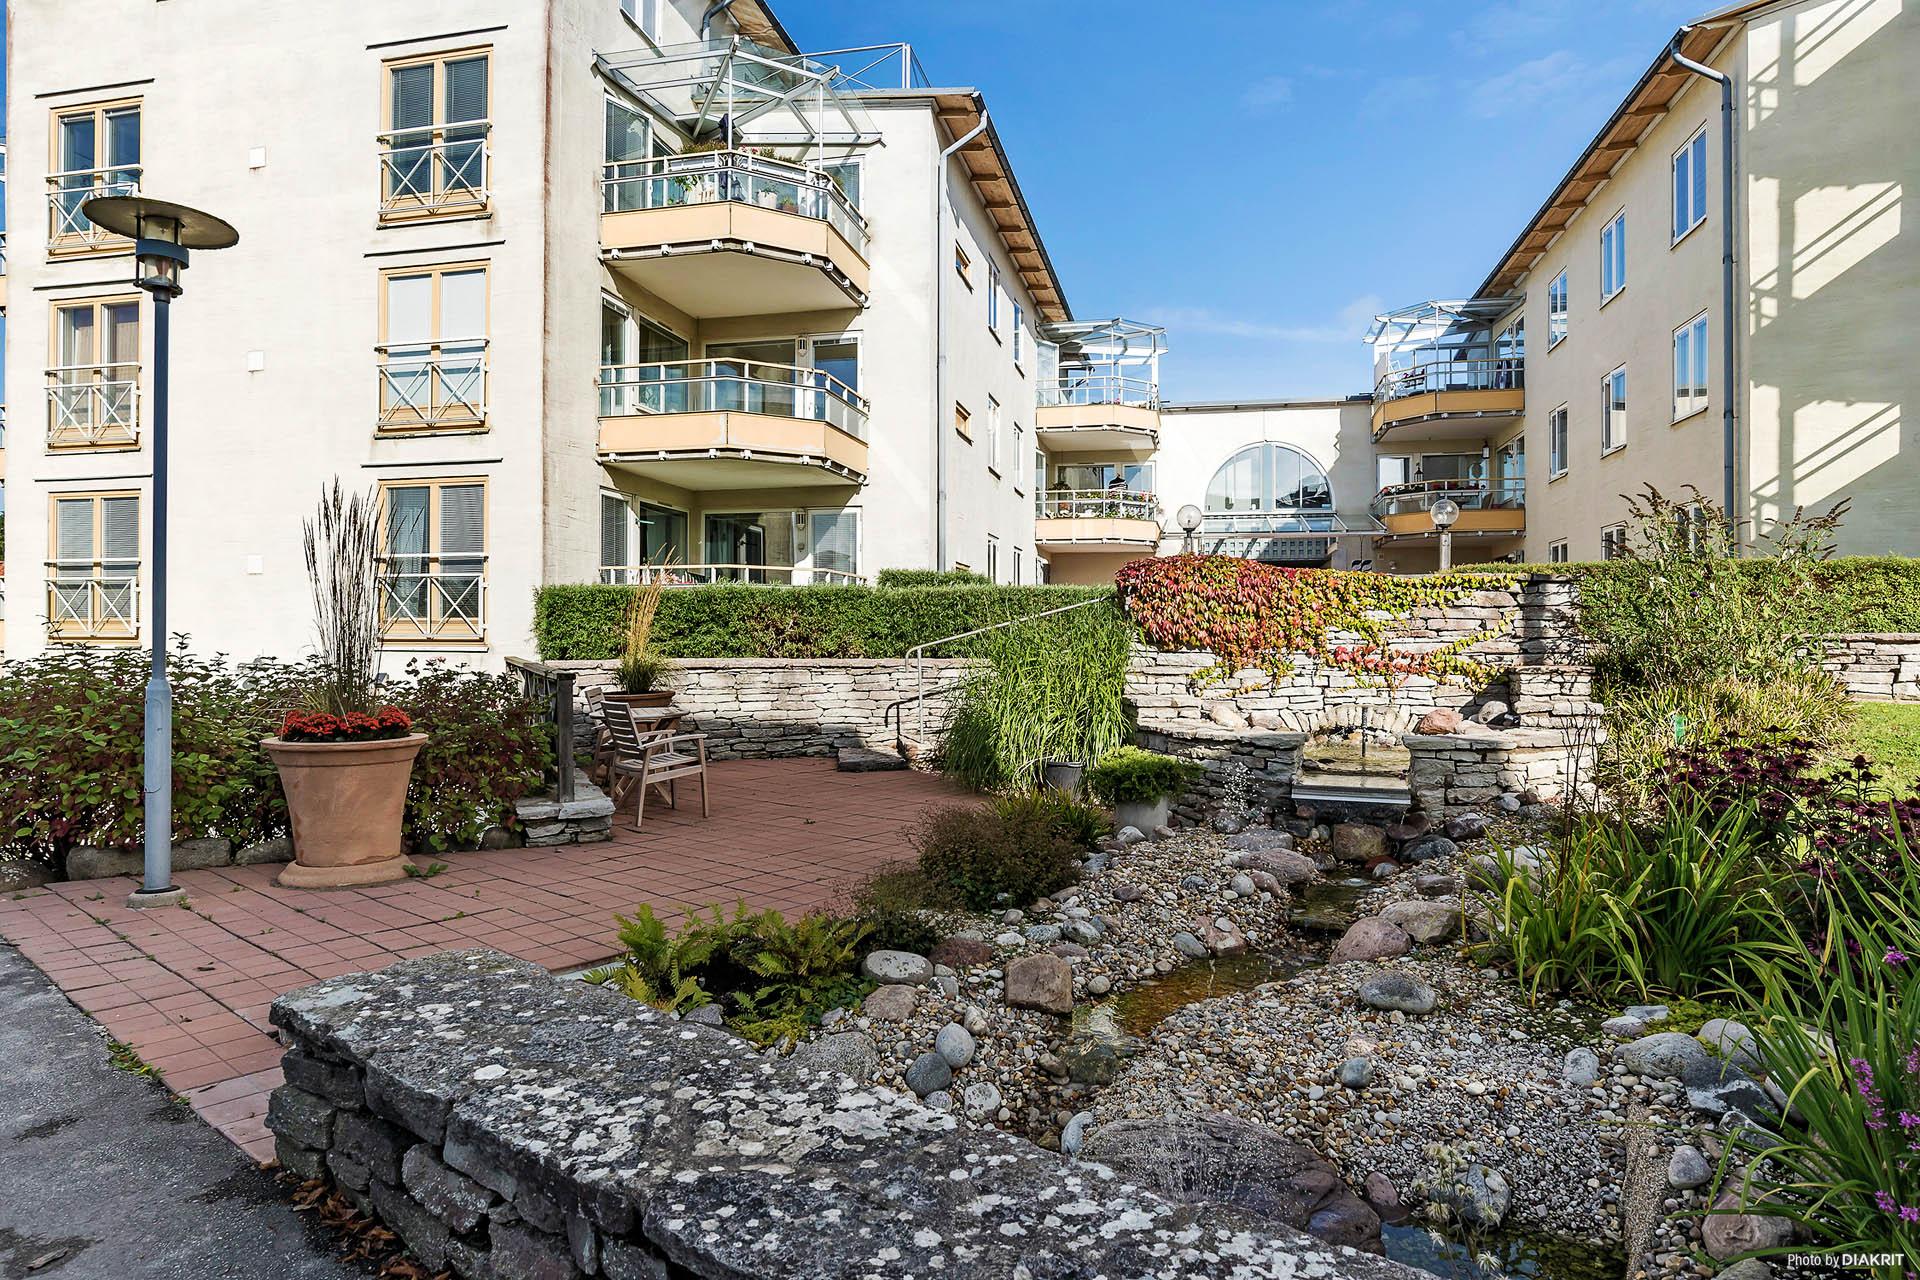 Trevlig innergård med murar och planteringar